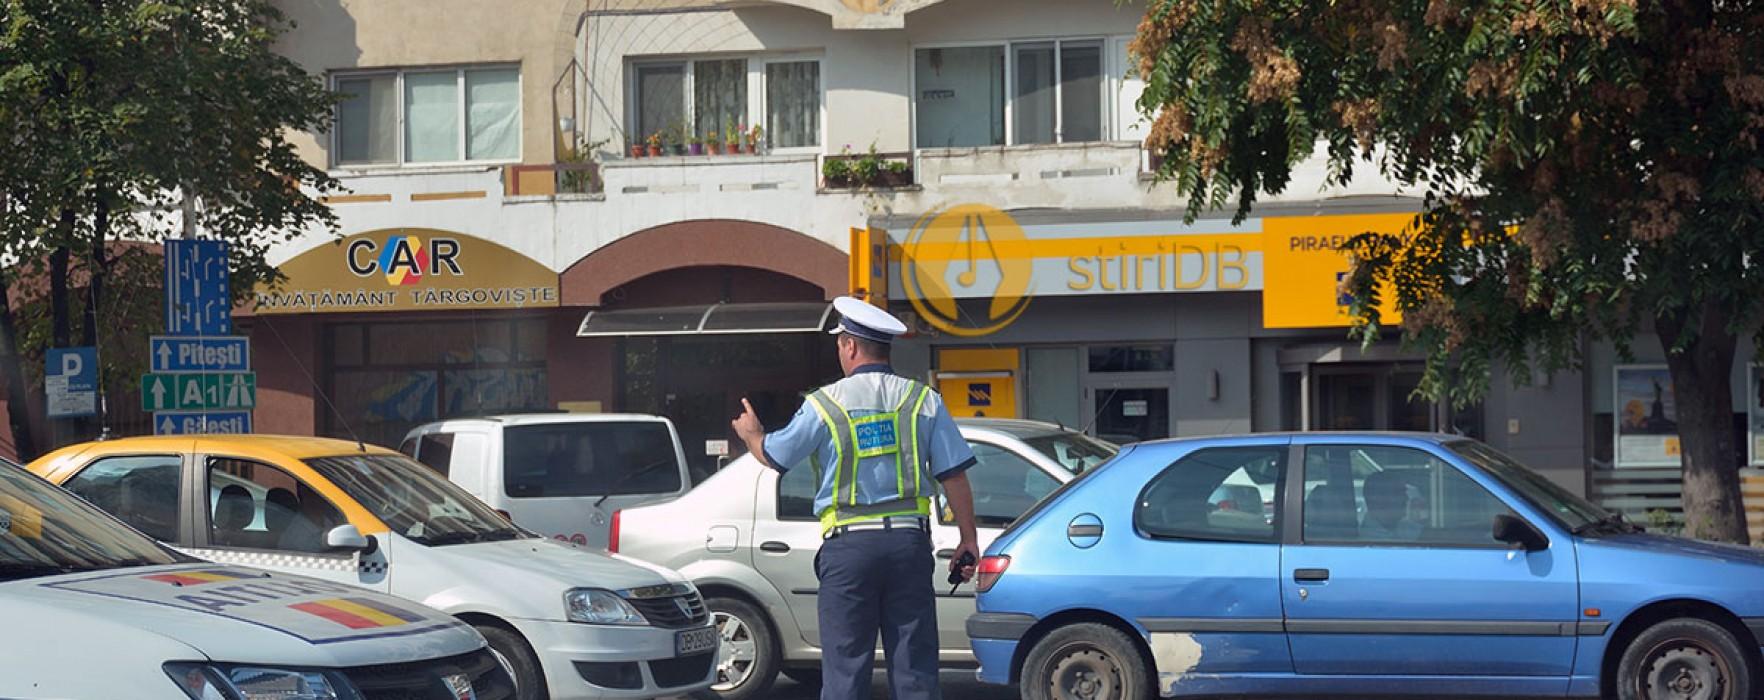 Târgovişte: 14 străzi închise circulaţiei duminică, din cauza mitingului PSD